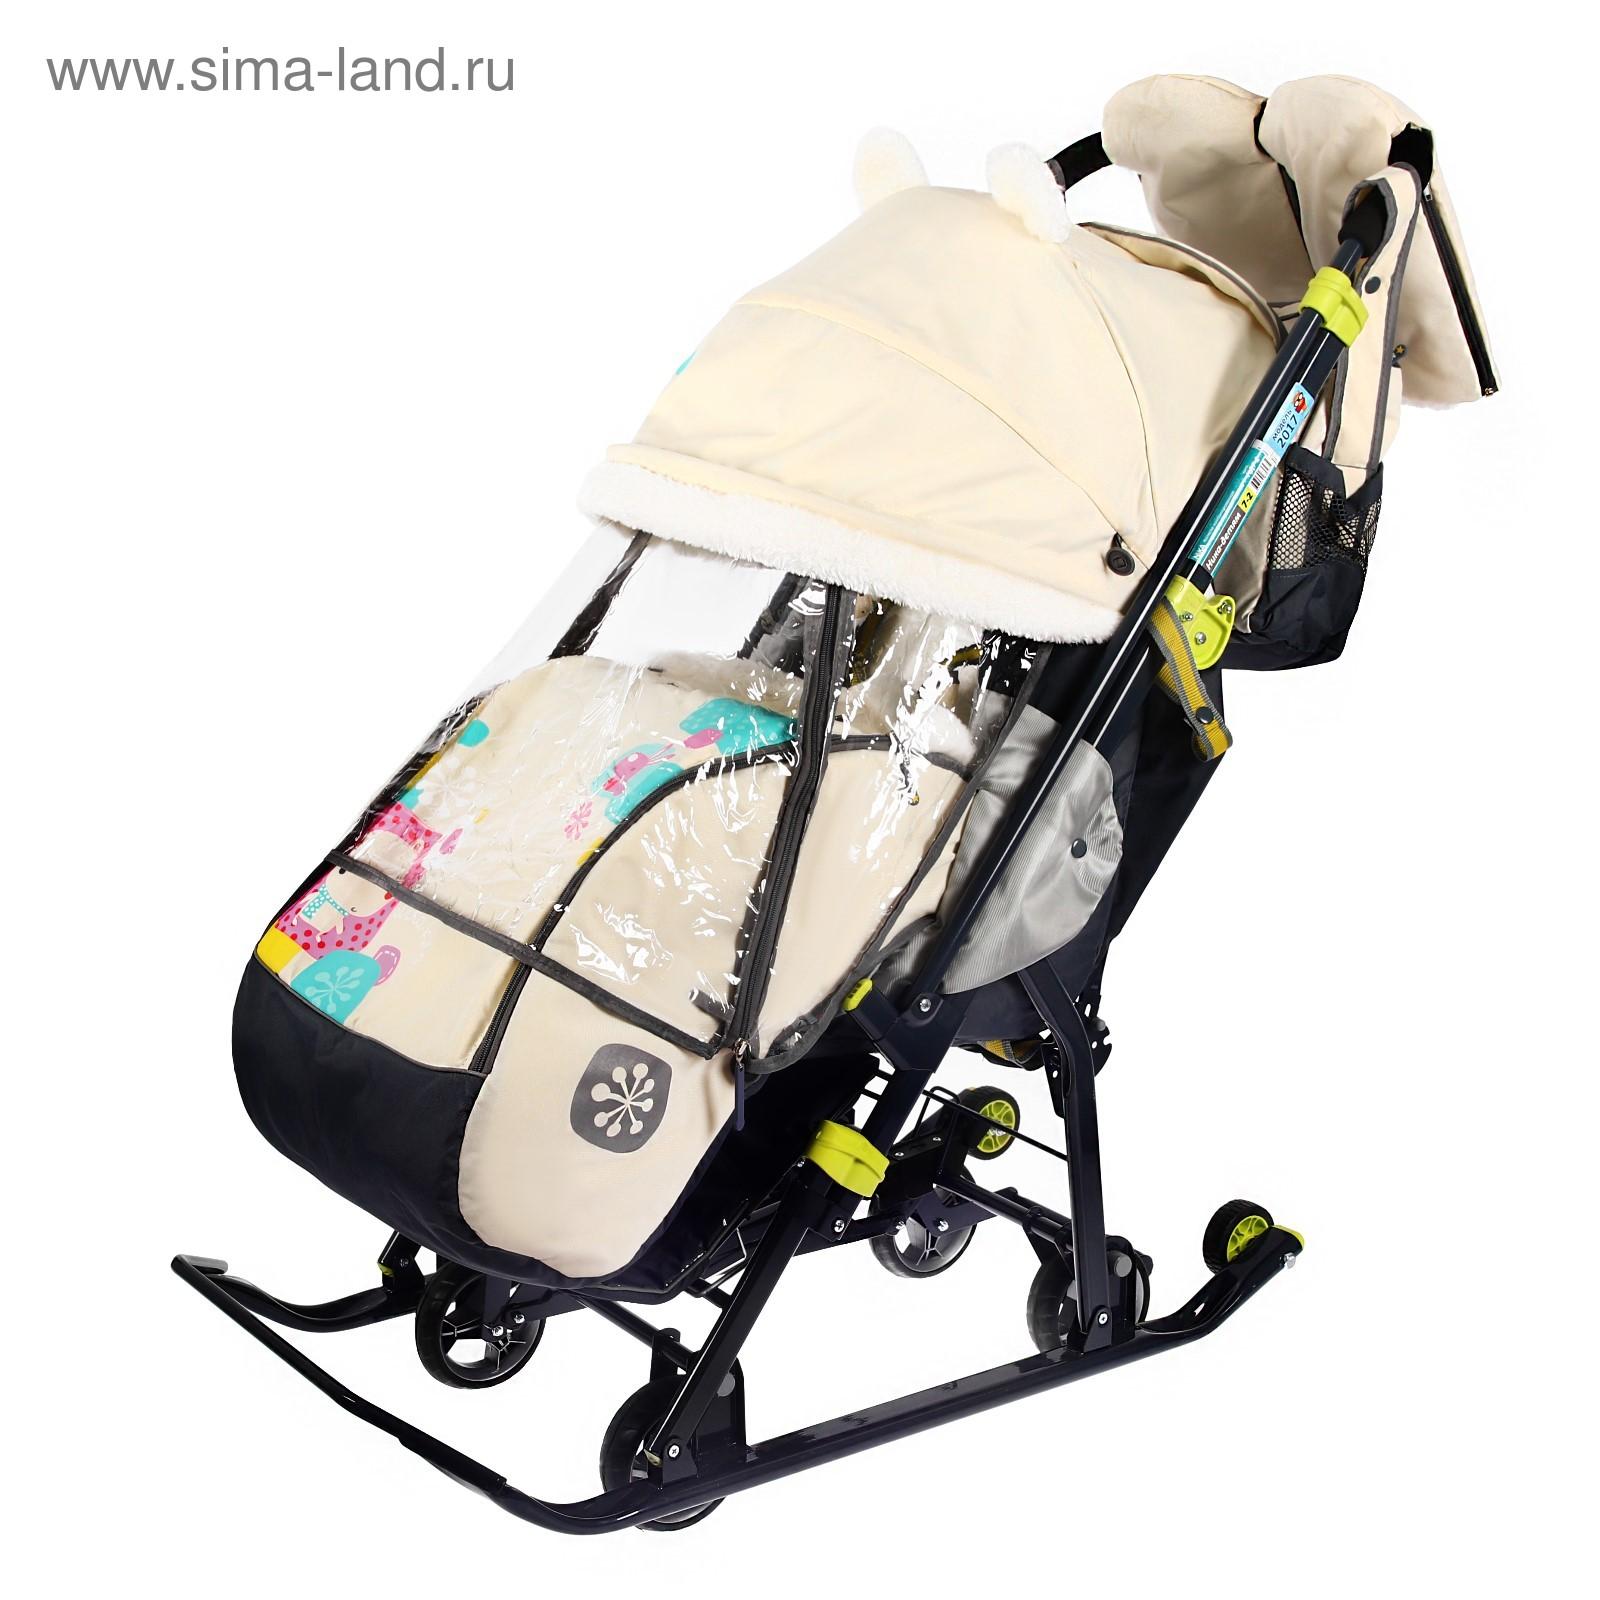 Санки-коляска «Ника детям 7-2. Мишка», цвет бежевый (3821122 ... 030c5e47909